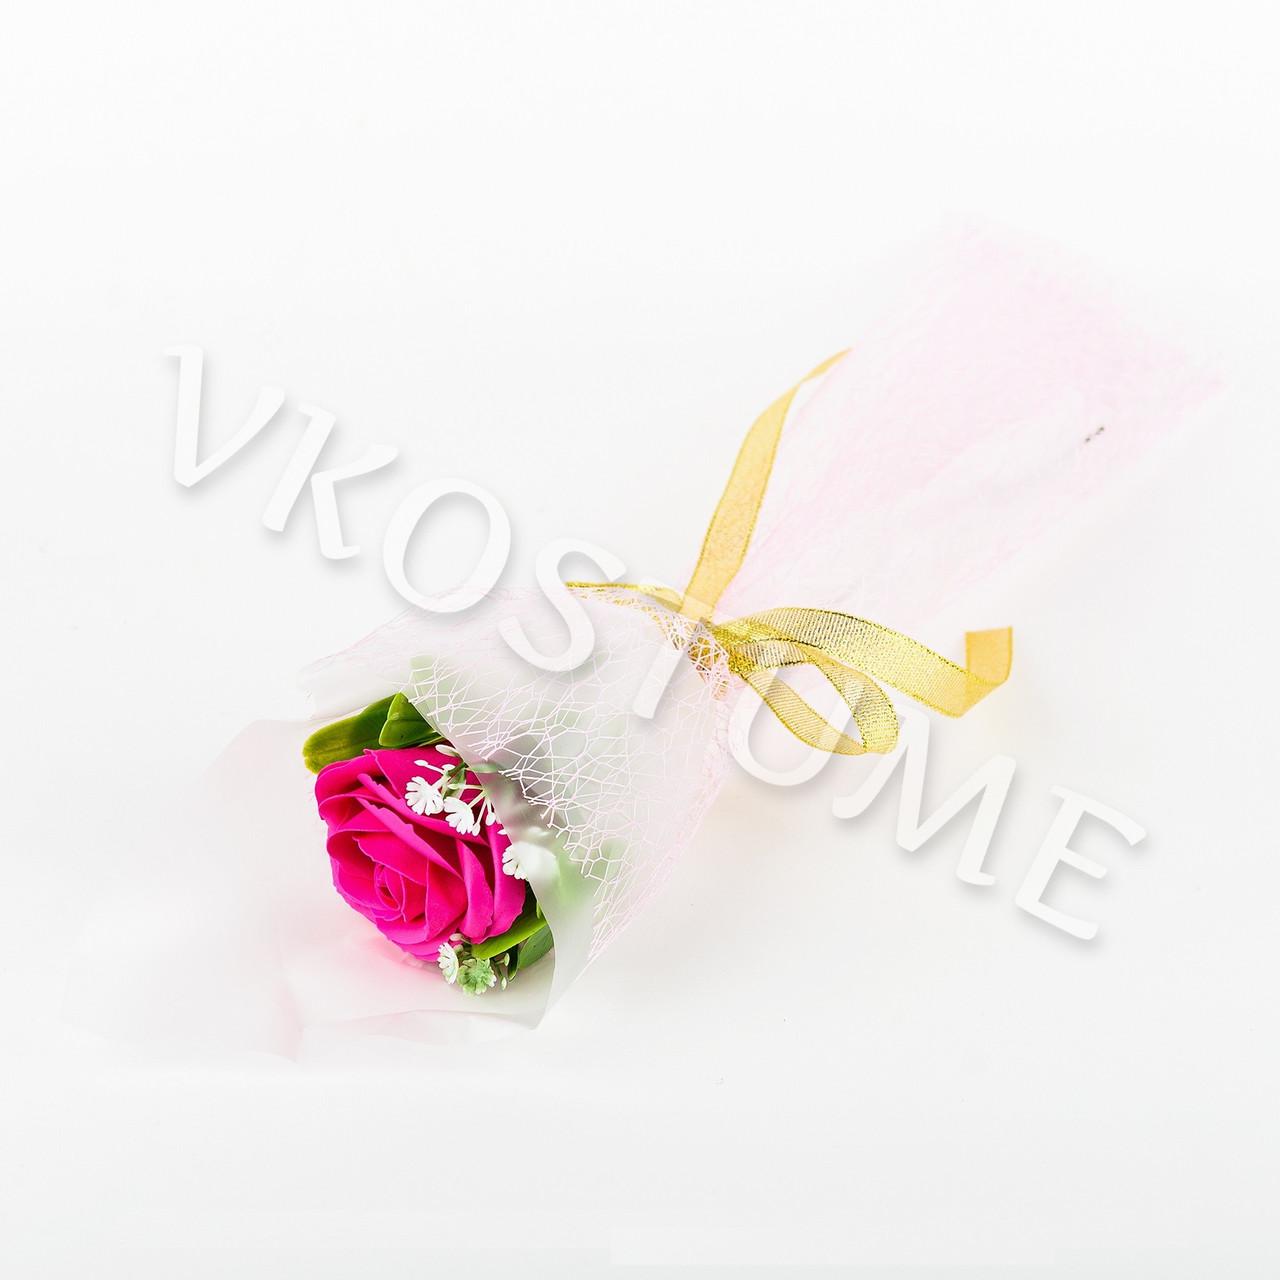 Подарочный букет с малиновой розой из ароматного мыла